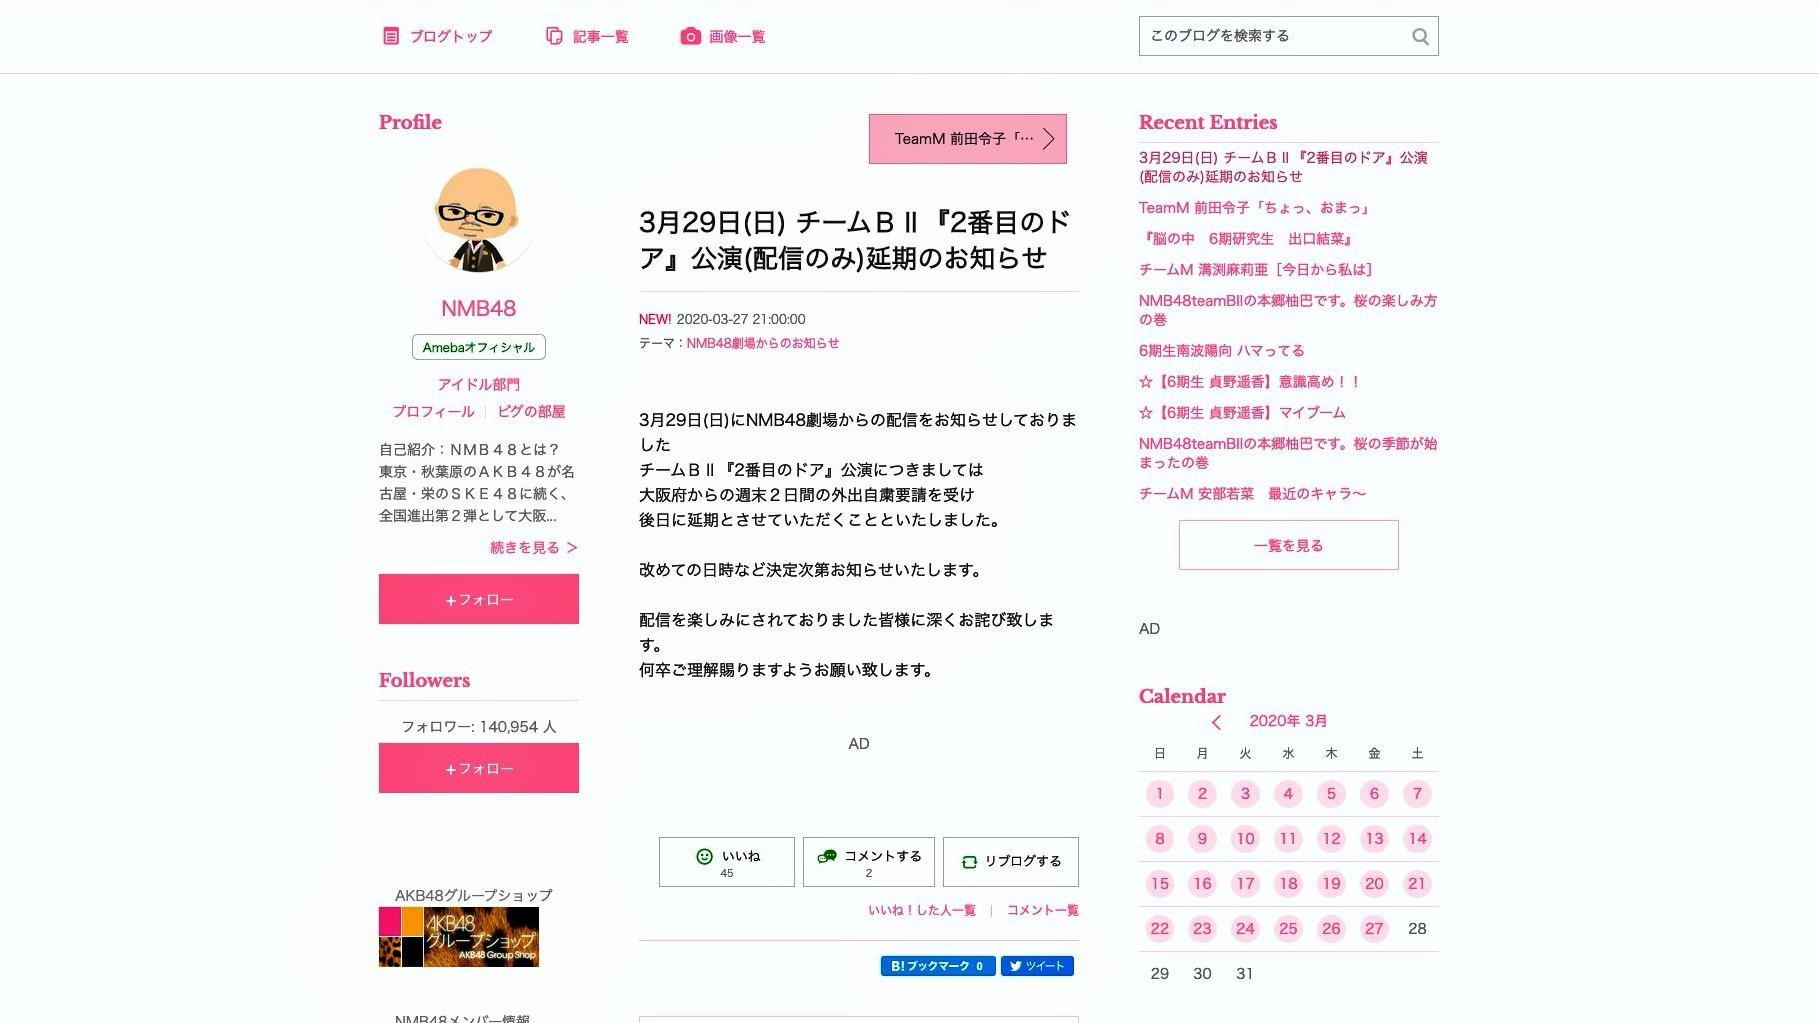 【NMB48】3月29日に予定されていた配信限定「2番目のドア」公演が延期に。